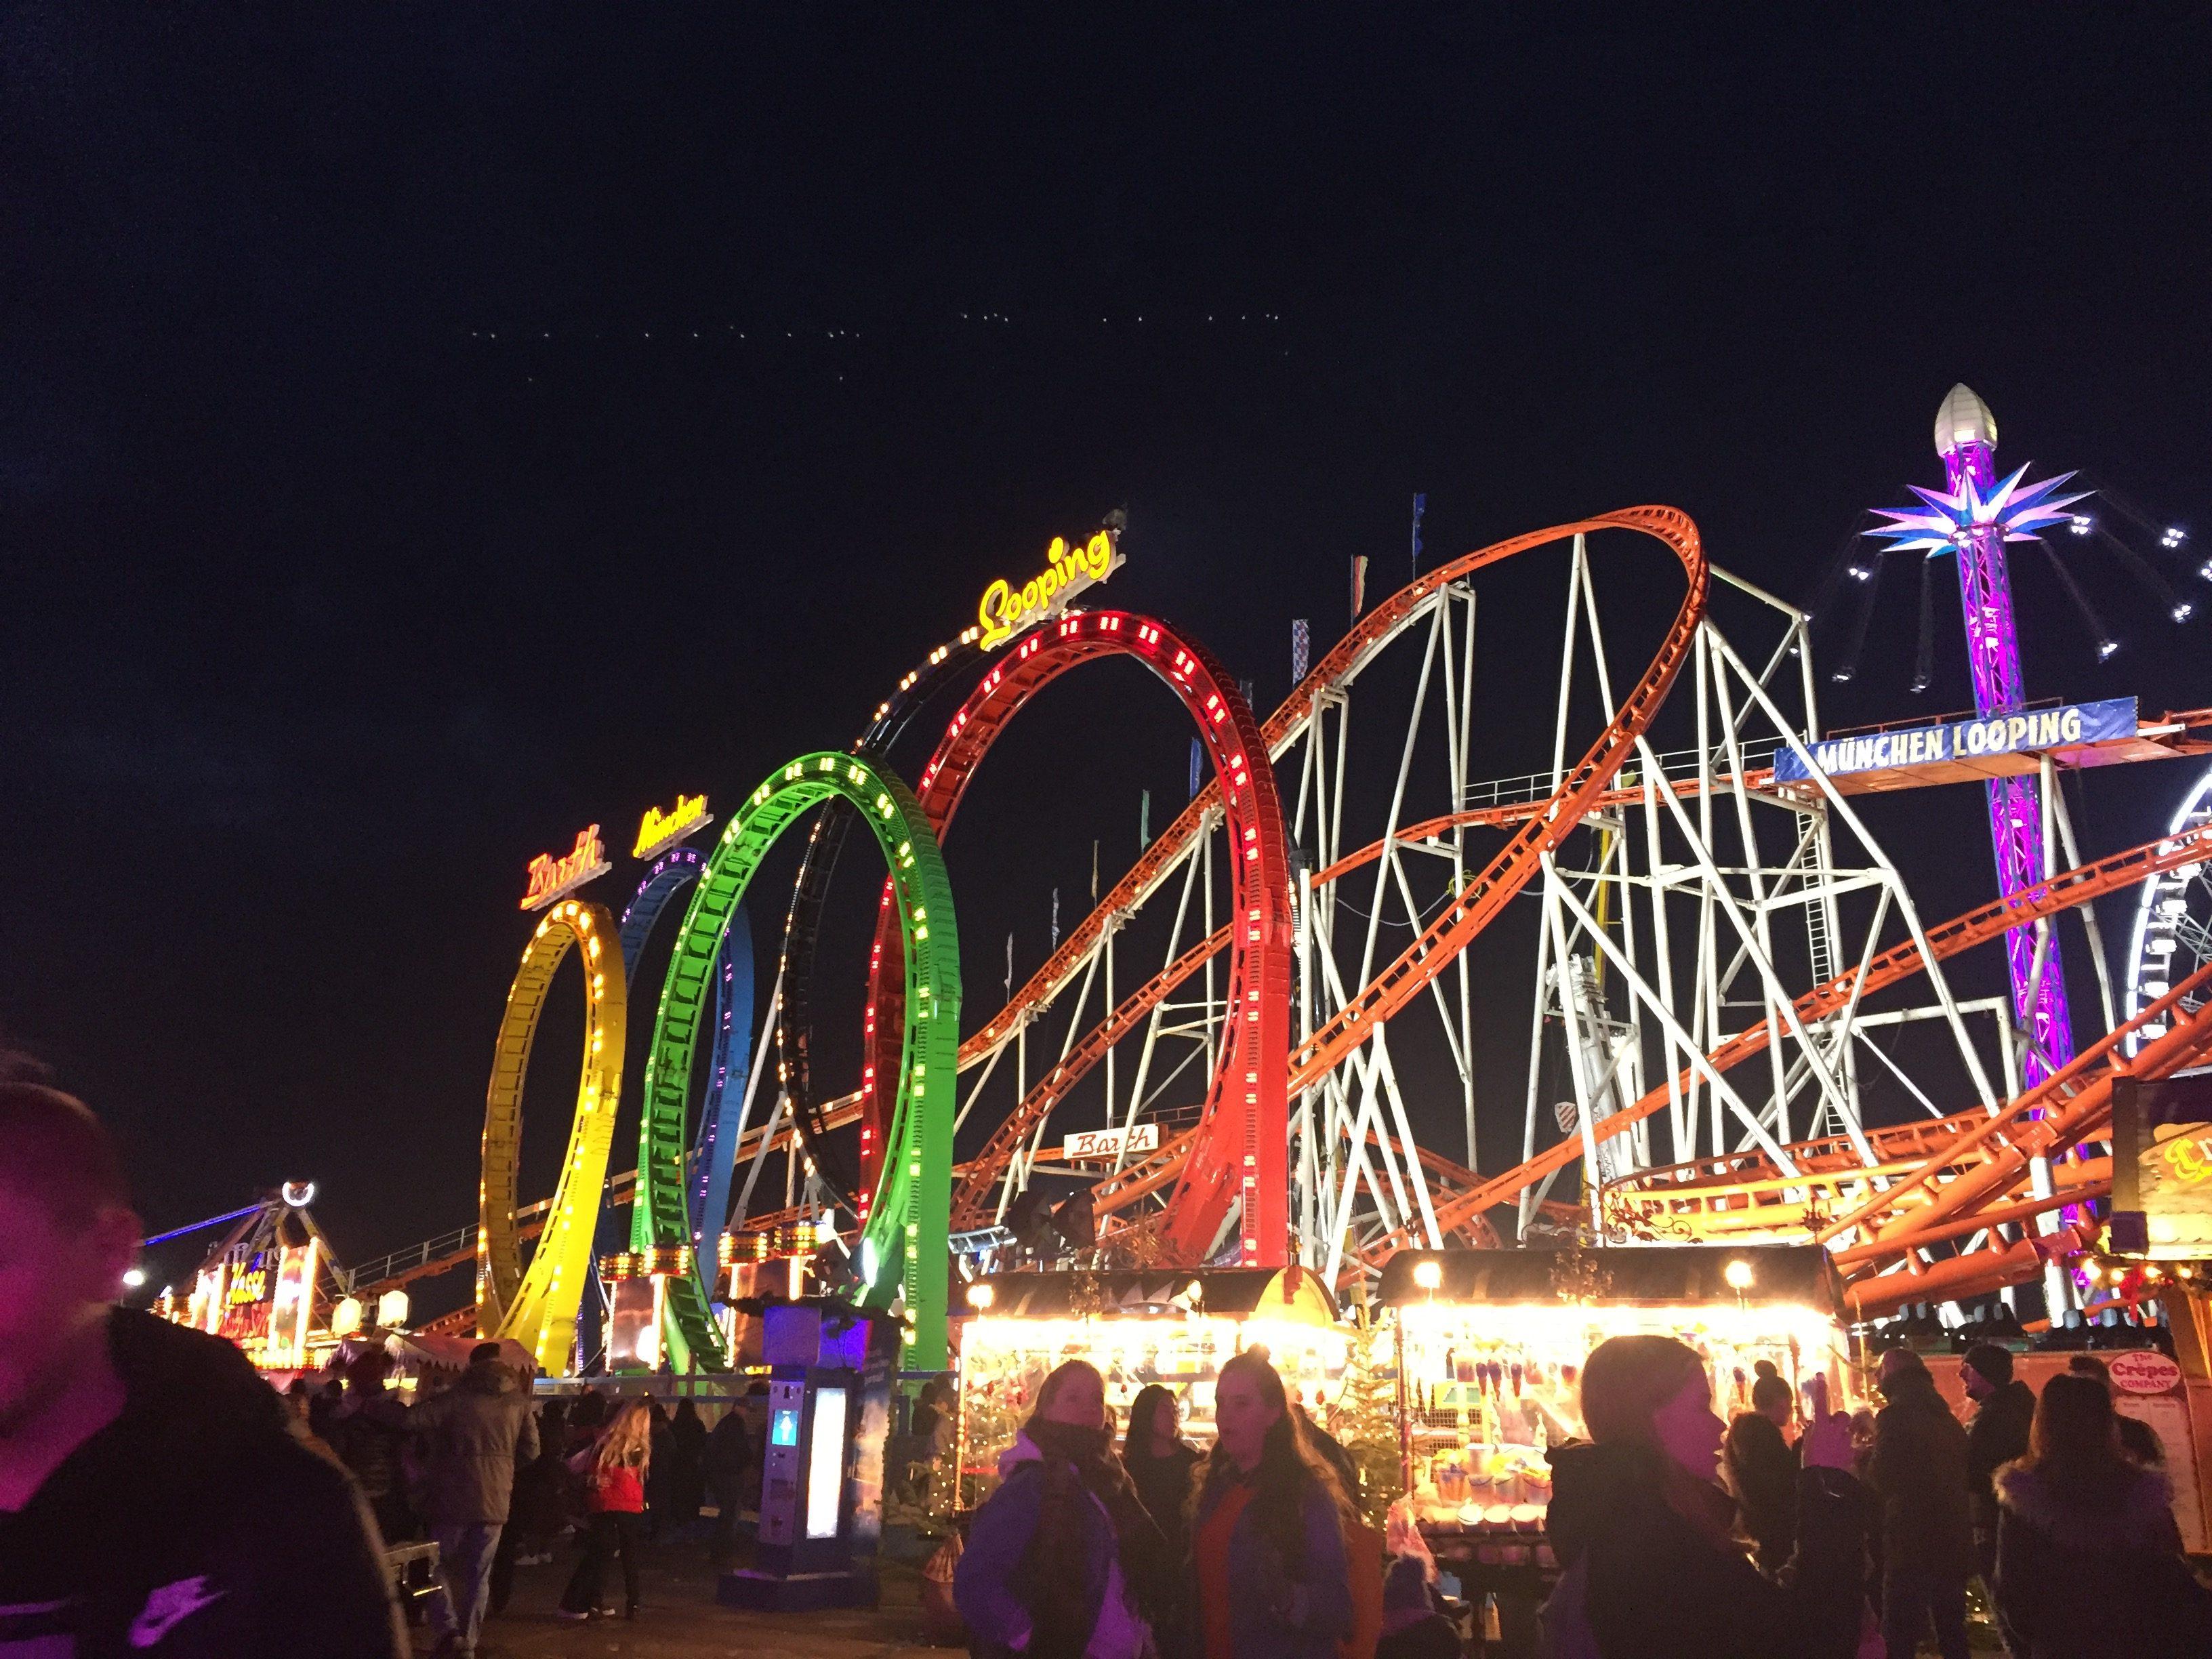 IMG 26021 e1516815827948 - WinterWonderland el parque de diversiones en Londres